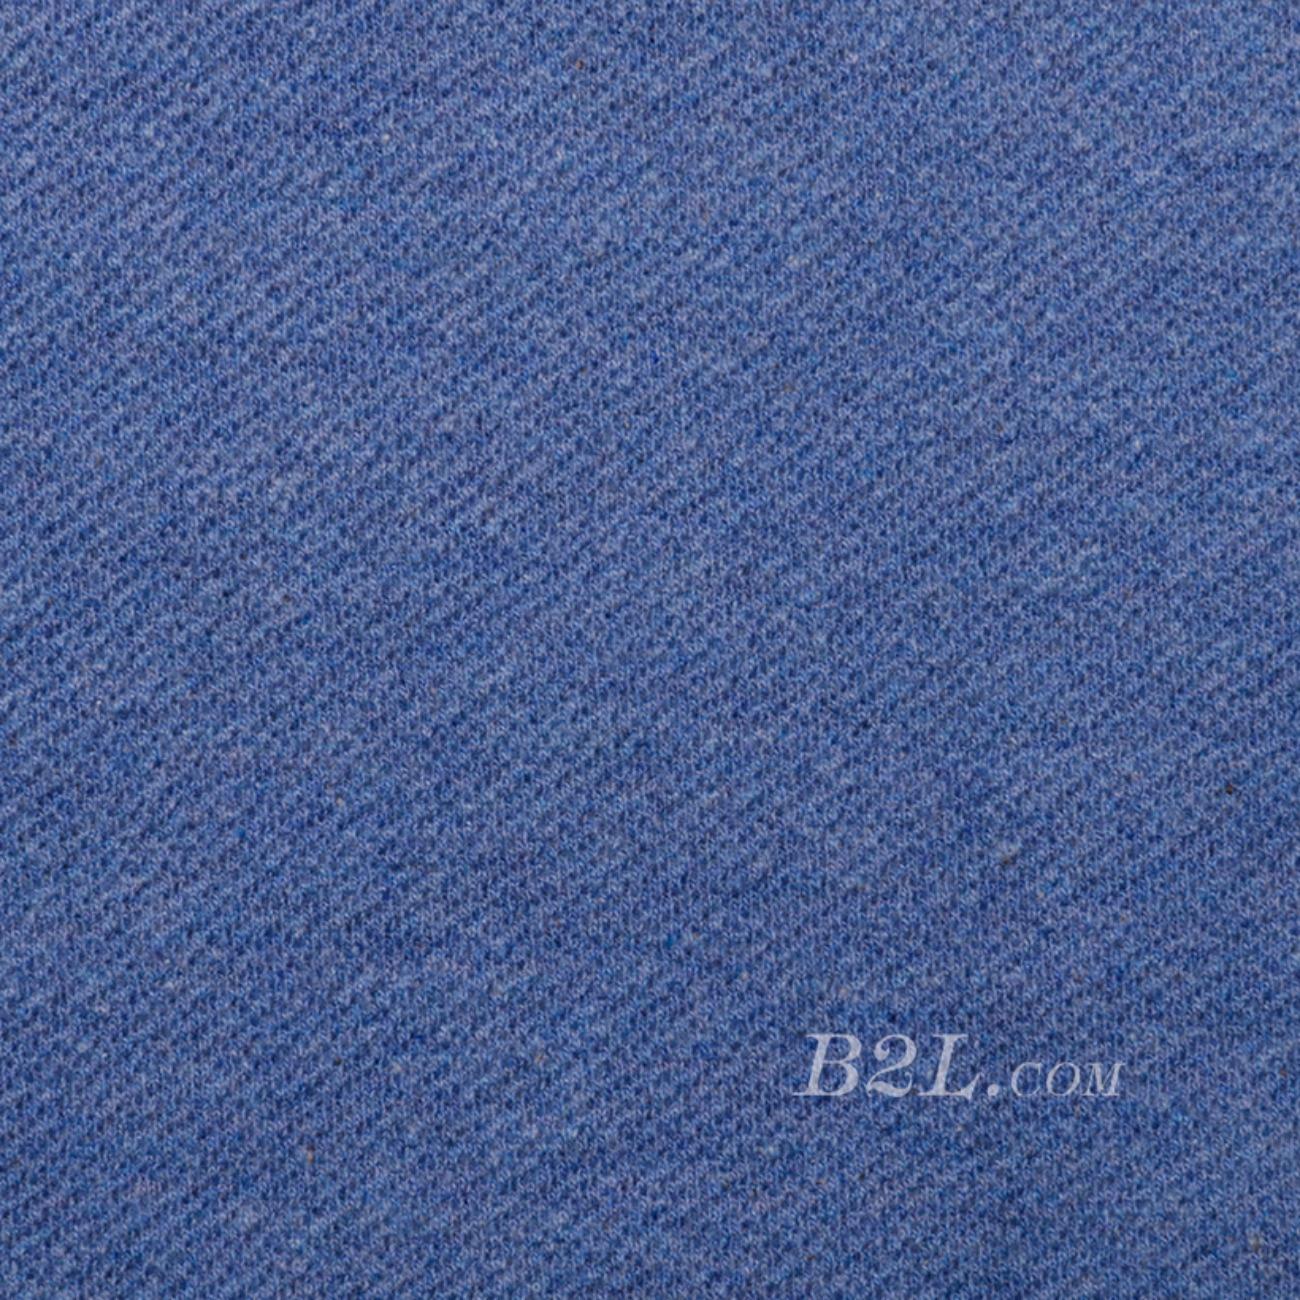 素色 针织  染色 高弹 春秋 小宇皱 T恤 针织衫 裤装 卫衣 外套 女装 80527-3